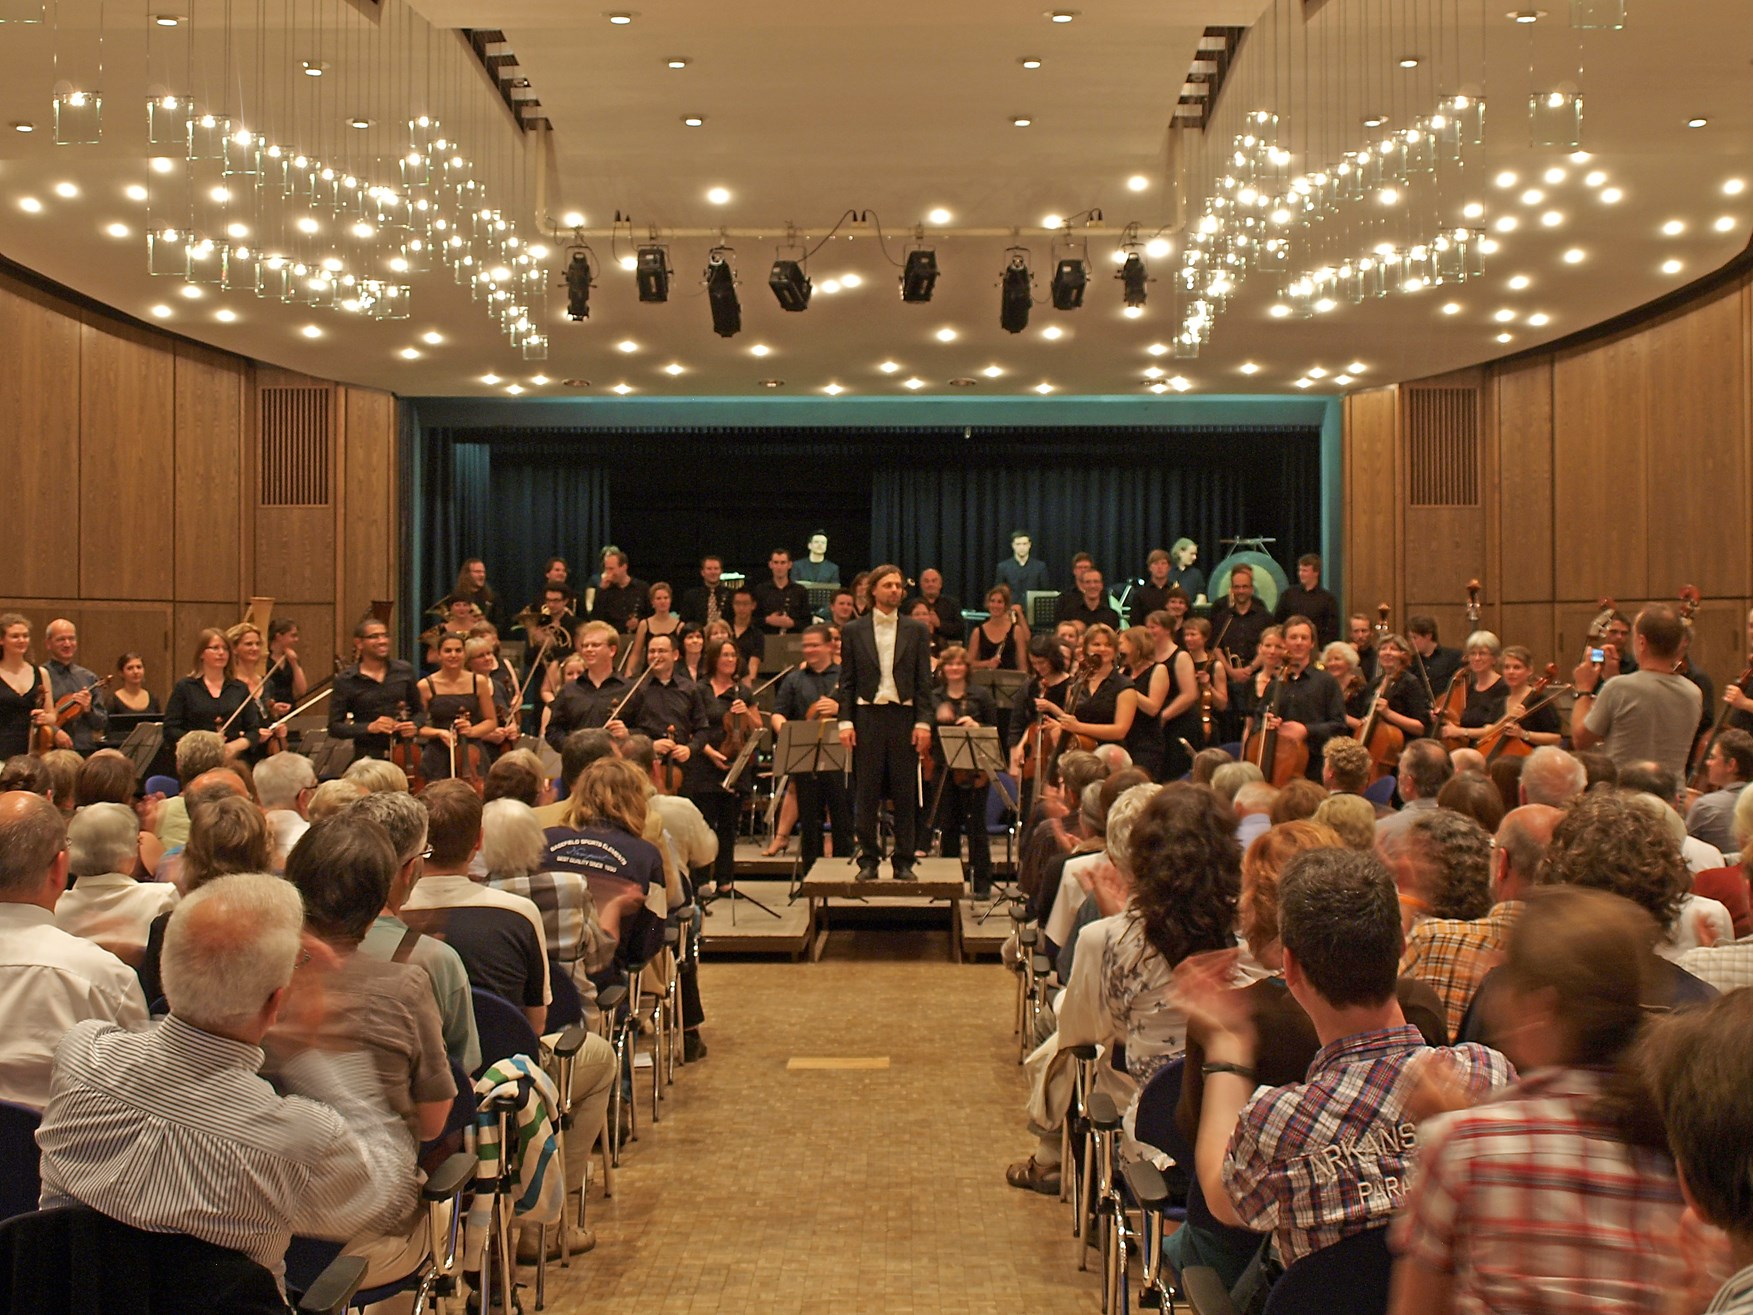 Der Dirigent mit dem Orchester nach dem Konzert. - Foto: Kathy Büscher